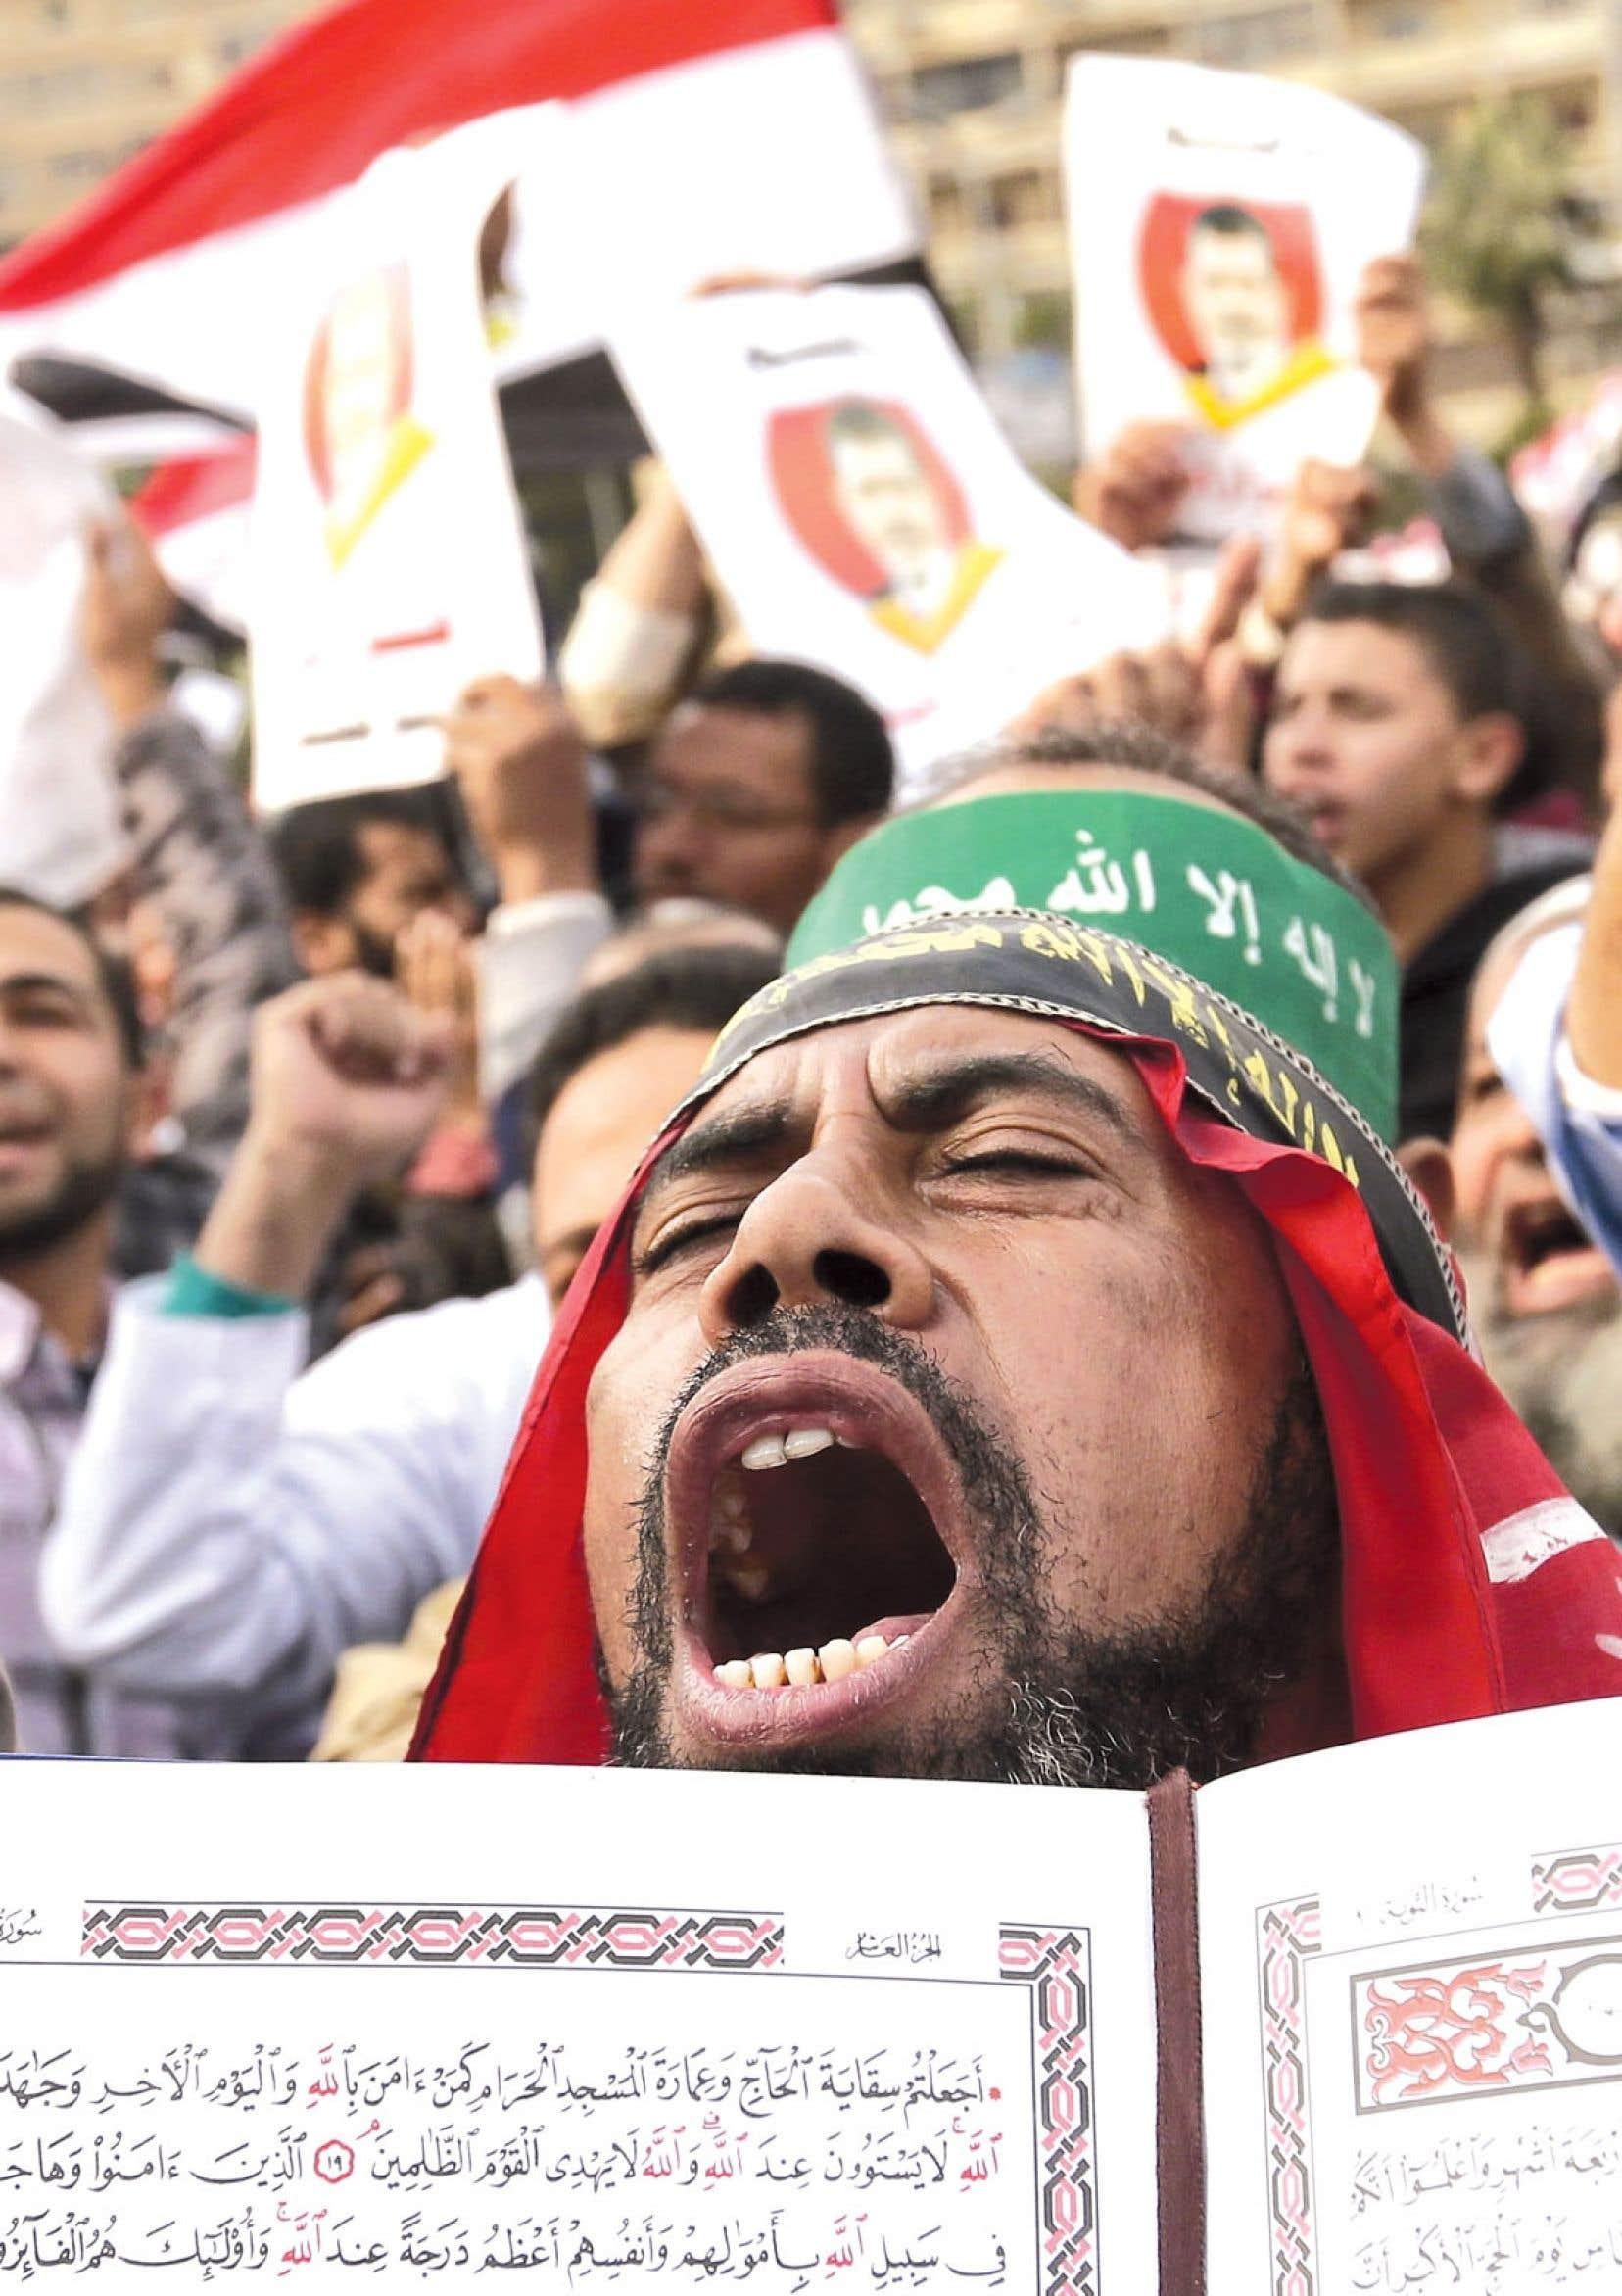 Des partisans de Mohamed Morsi et des Frères musulmans ont manifesté dans les rues du Caire.